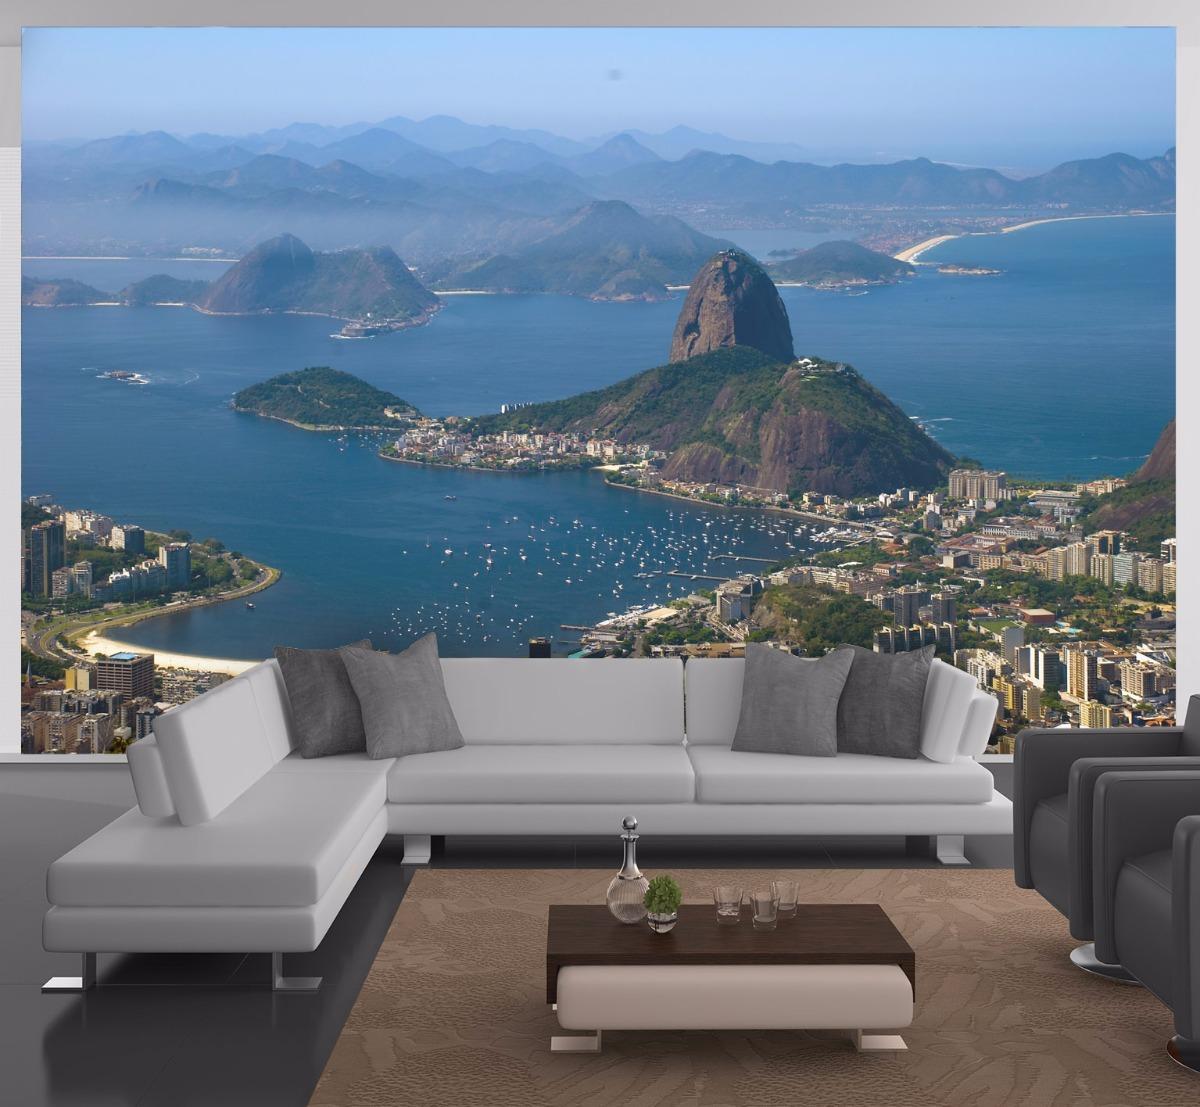 Papel De Parede 3d Paisagem Cidades Rio De Janeiro M Ncd51 R 45  -> Papel De Parede Para Sala No Rj